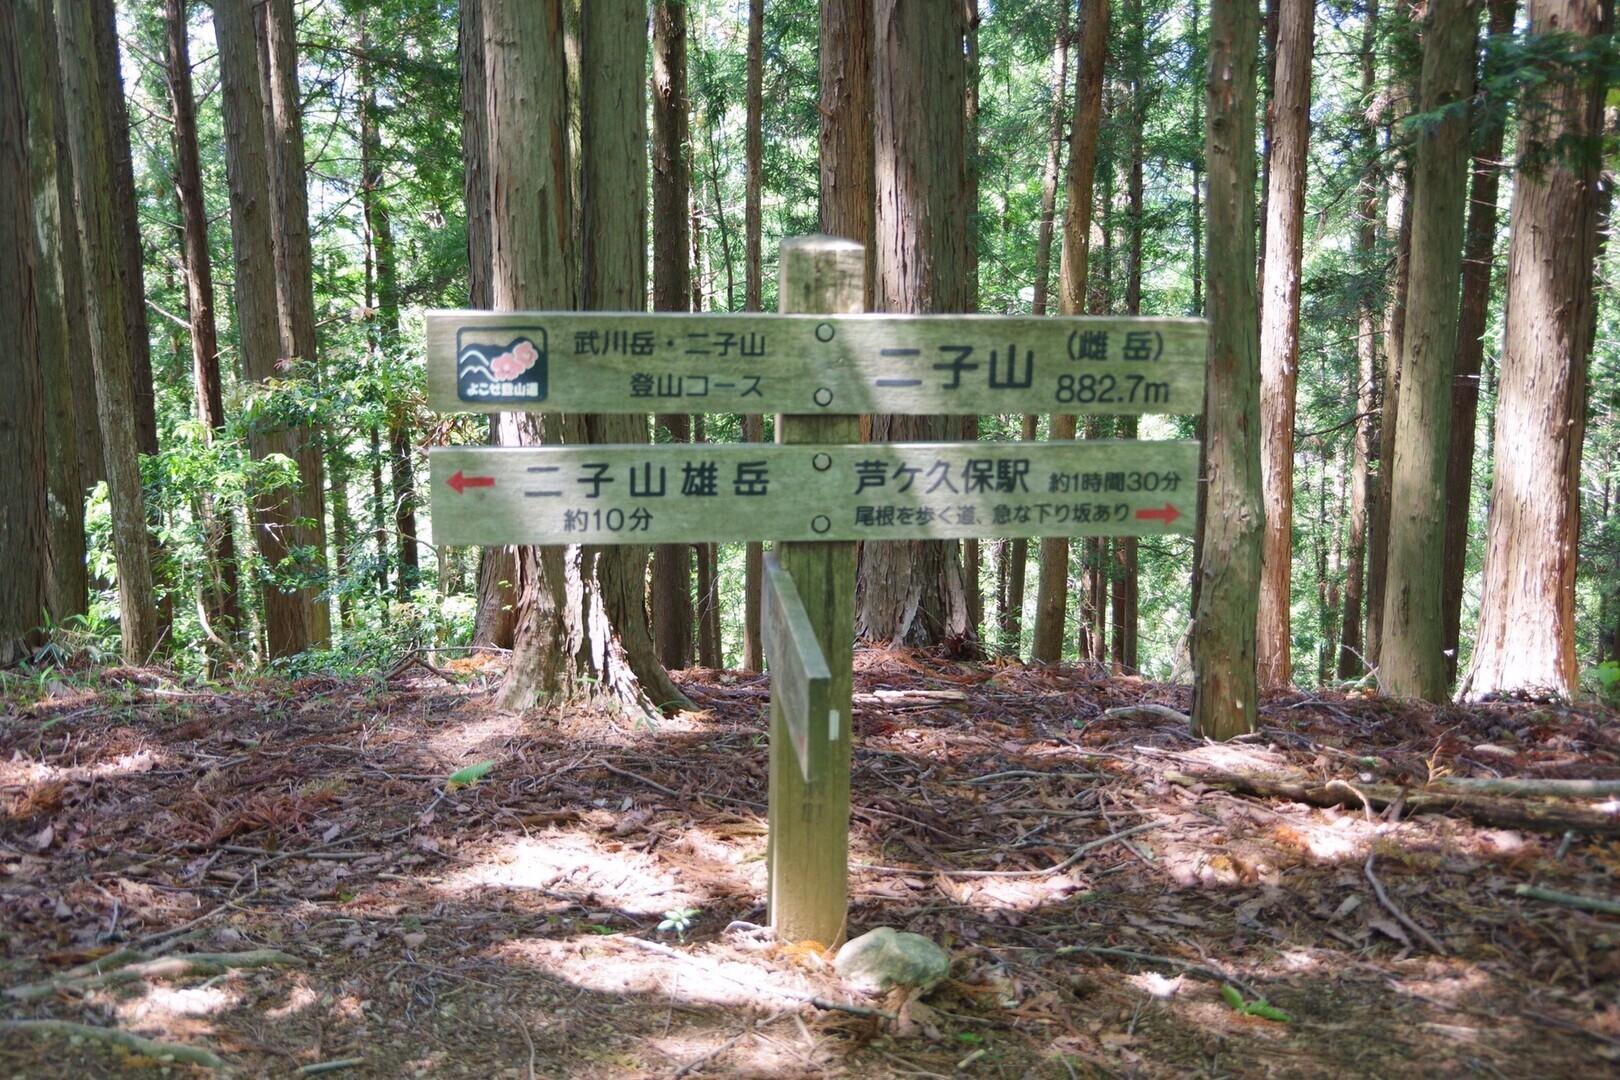 二子山(横瀬二子山雌岳)の写真